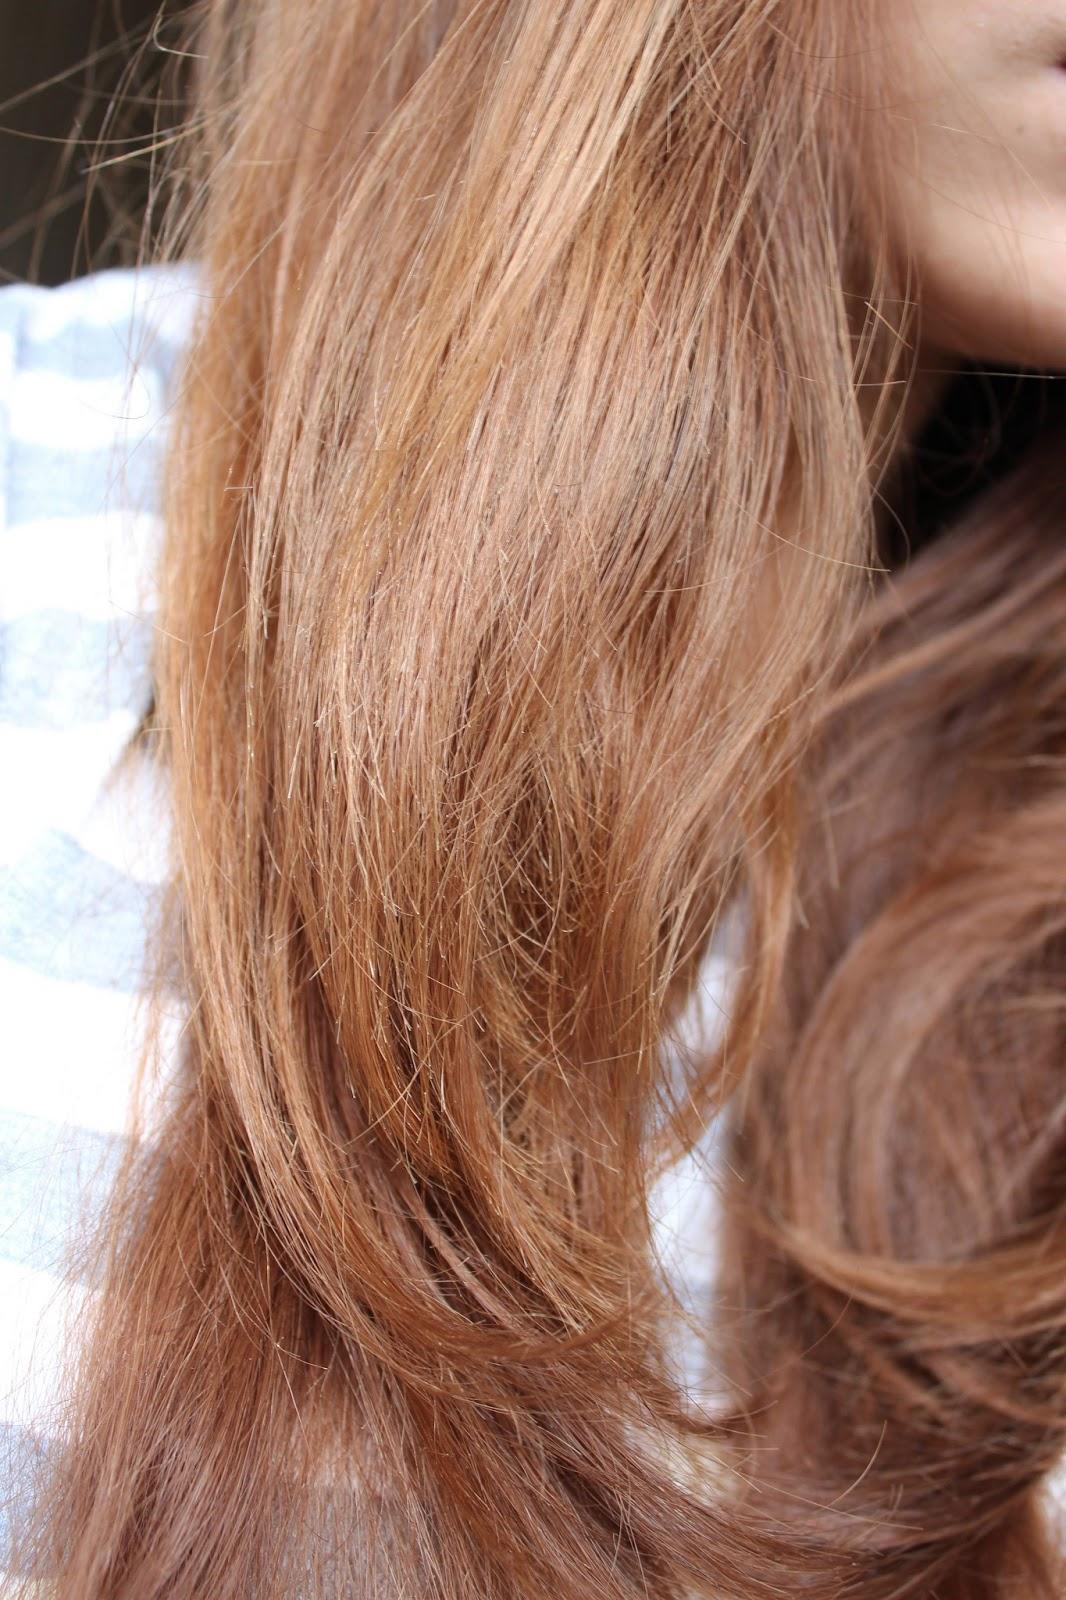 vous pouvez voir mes cheveux juste avant la coloration javais donc la couleur caramel latte que jai pos en septembre 2012 - Coloration Cheveux Cappuccino